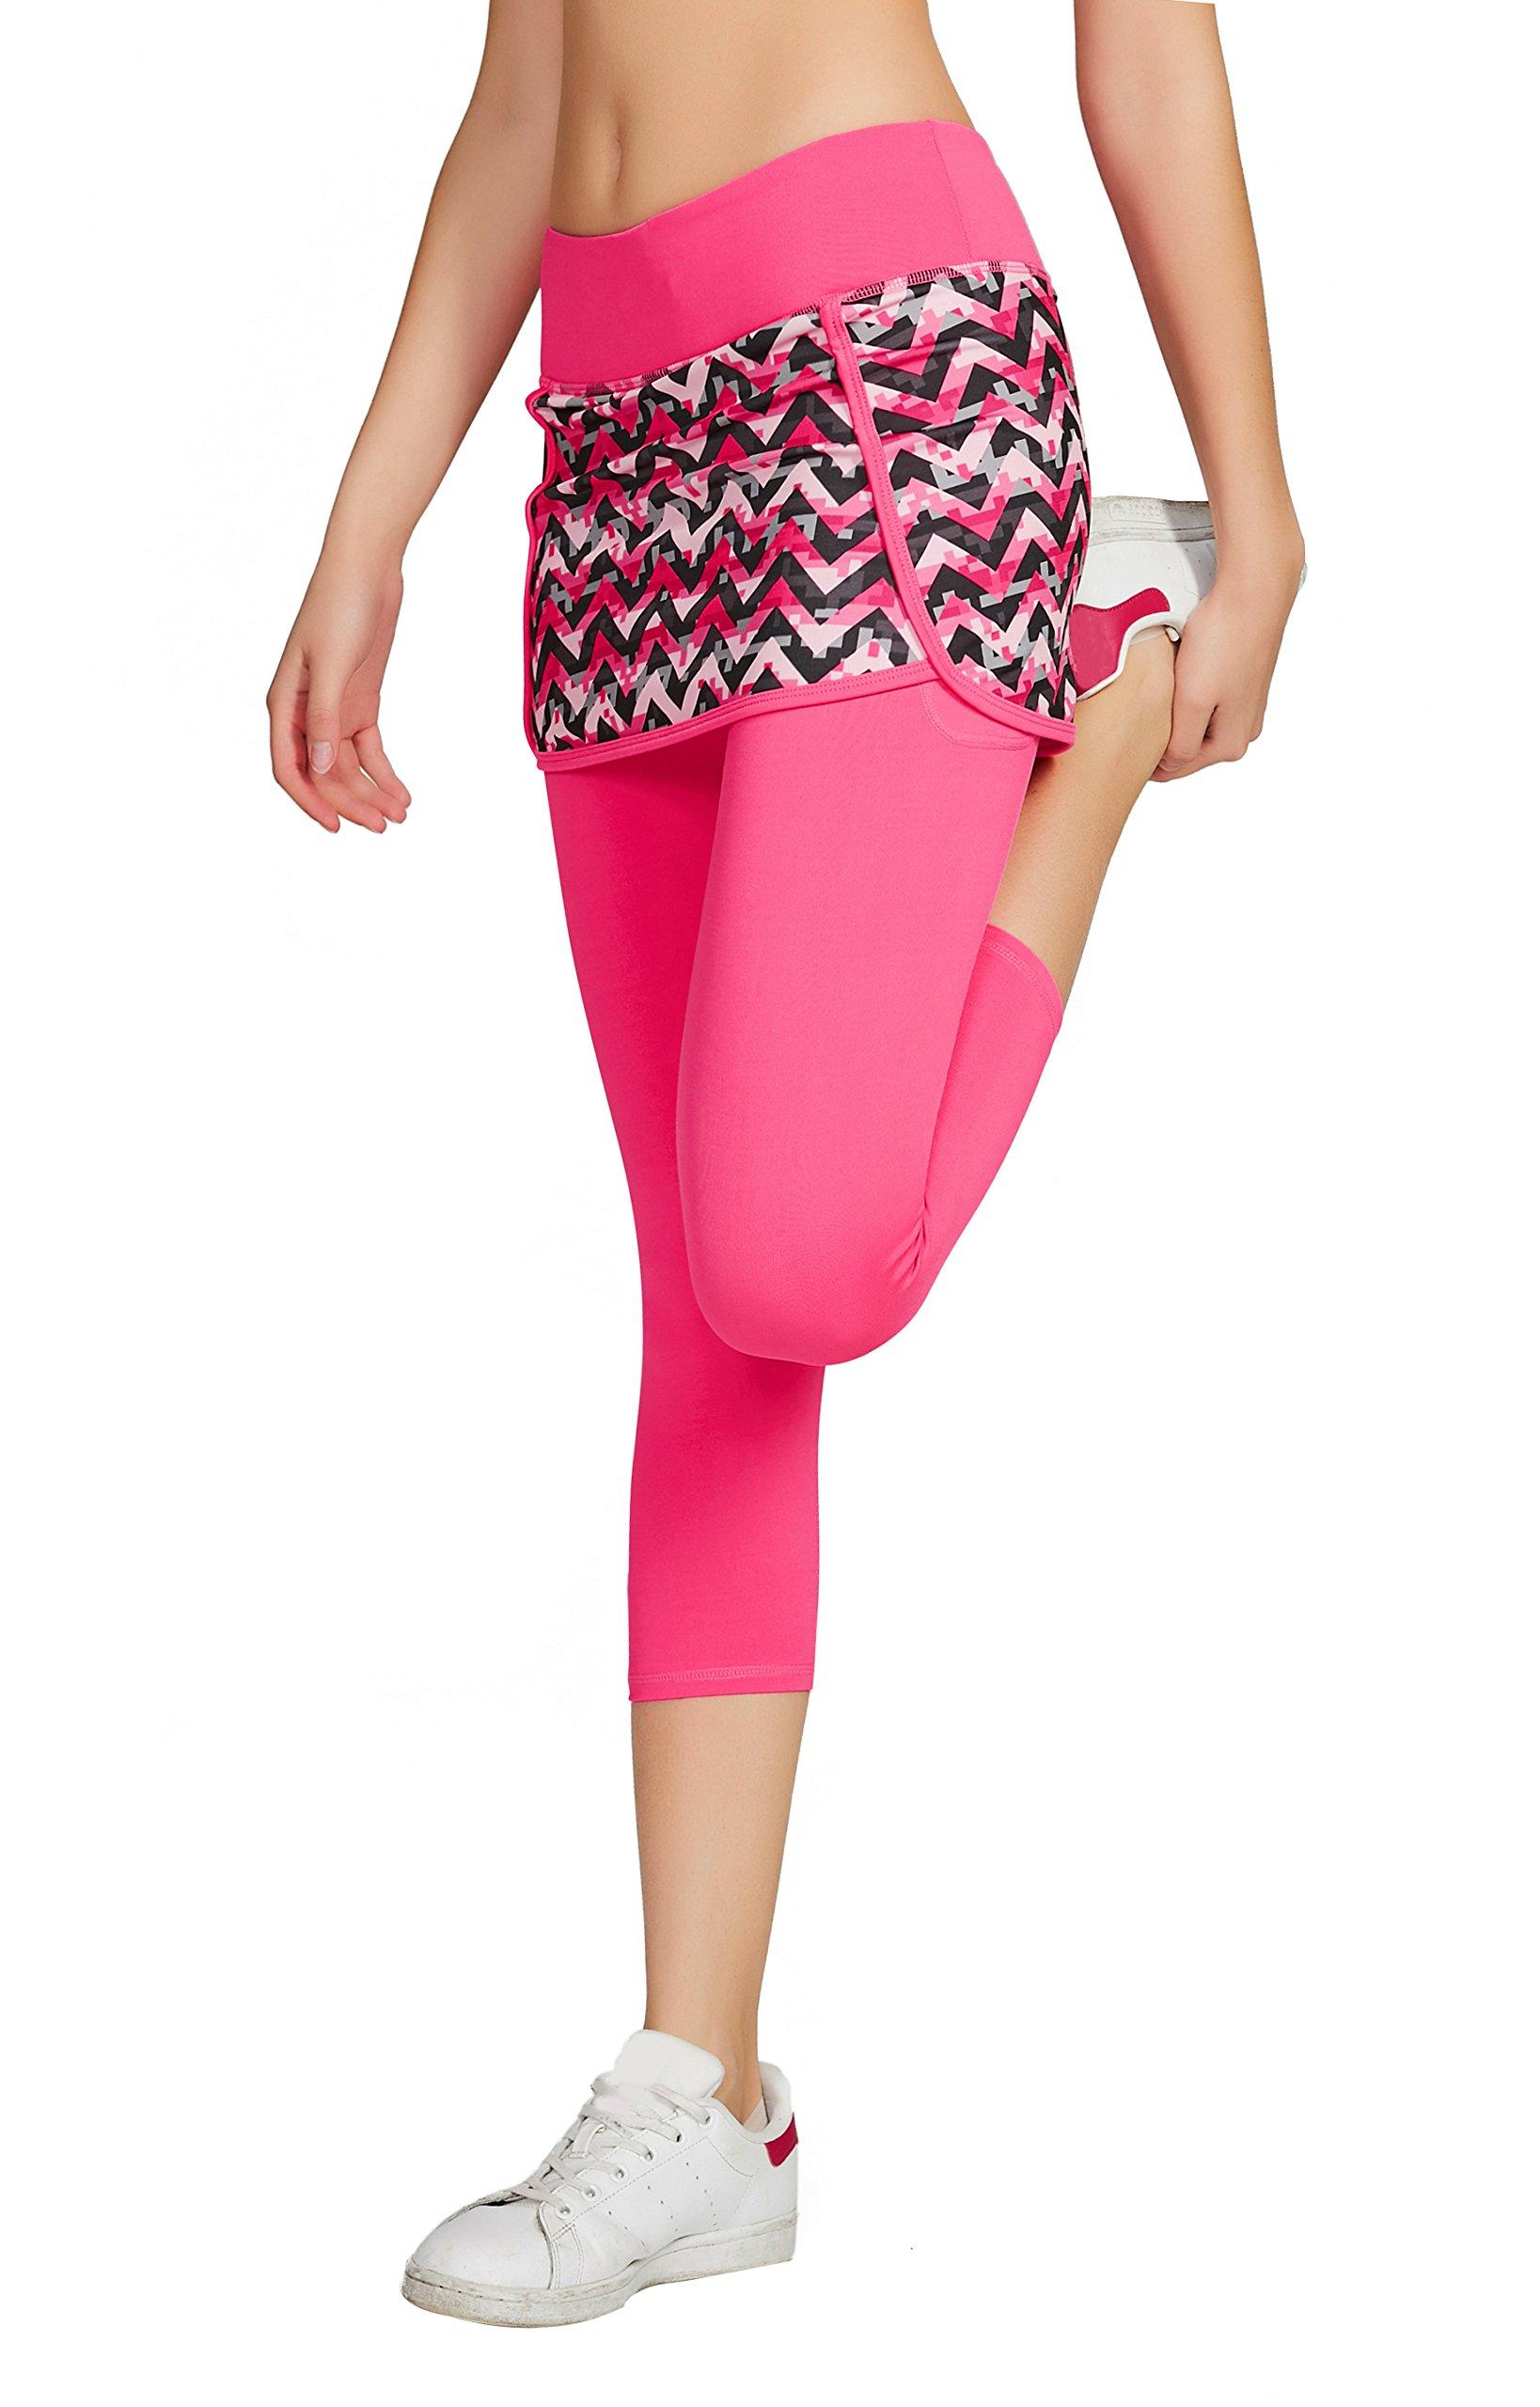 classic online retailer cheap for discount Slimour Legging Jupe de Tennis Femme 2 en 1 Jupe Sport à la Mode